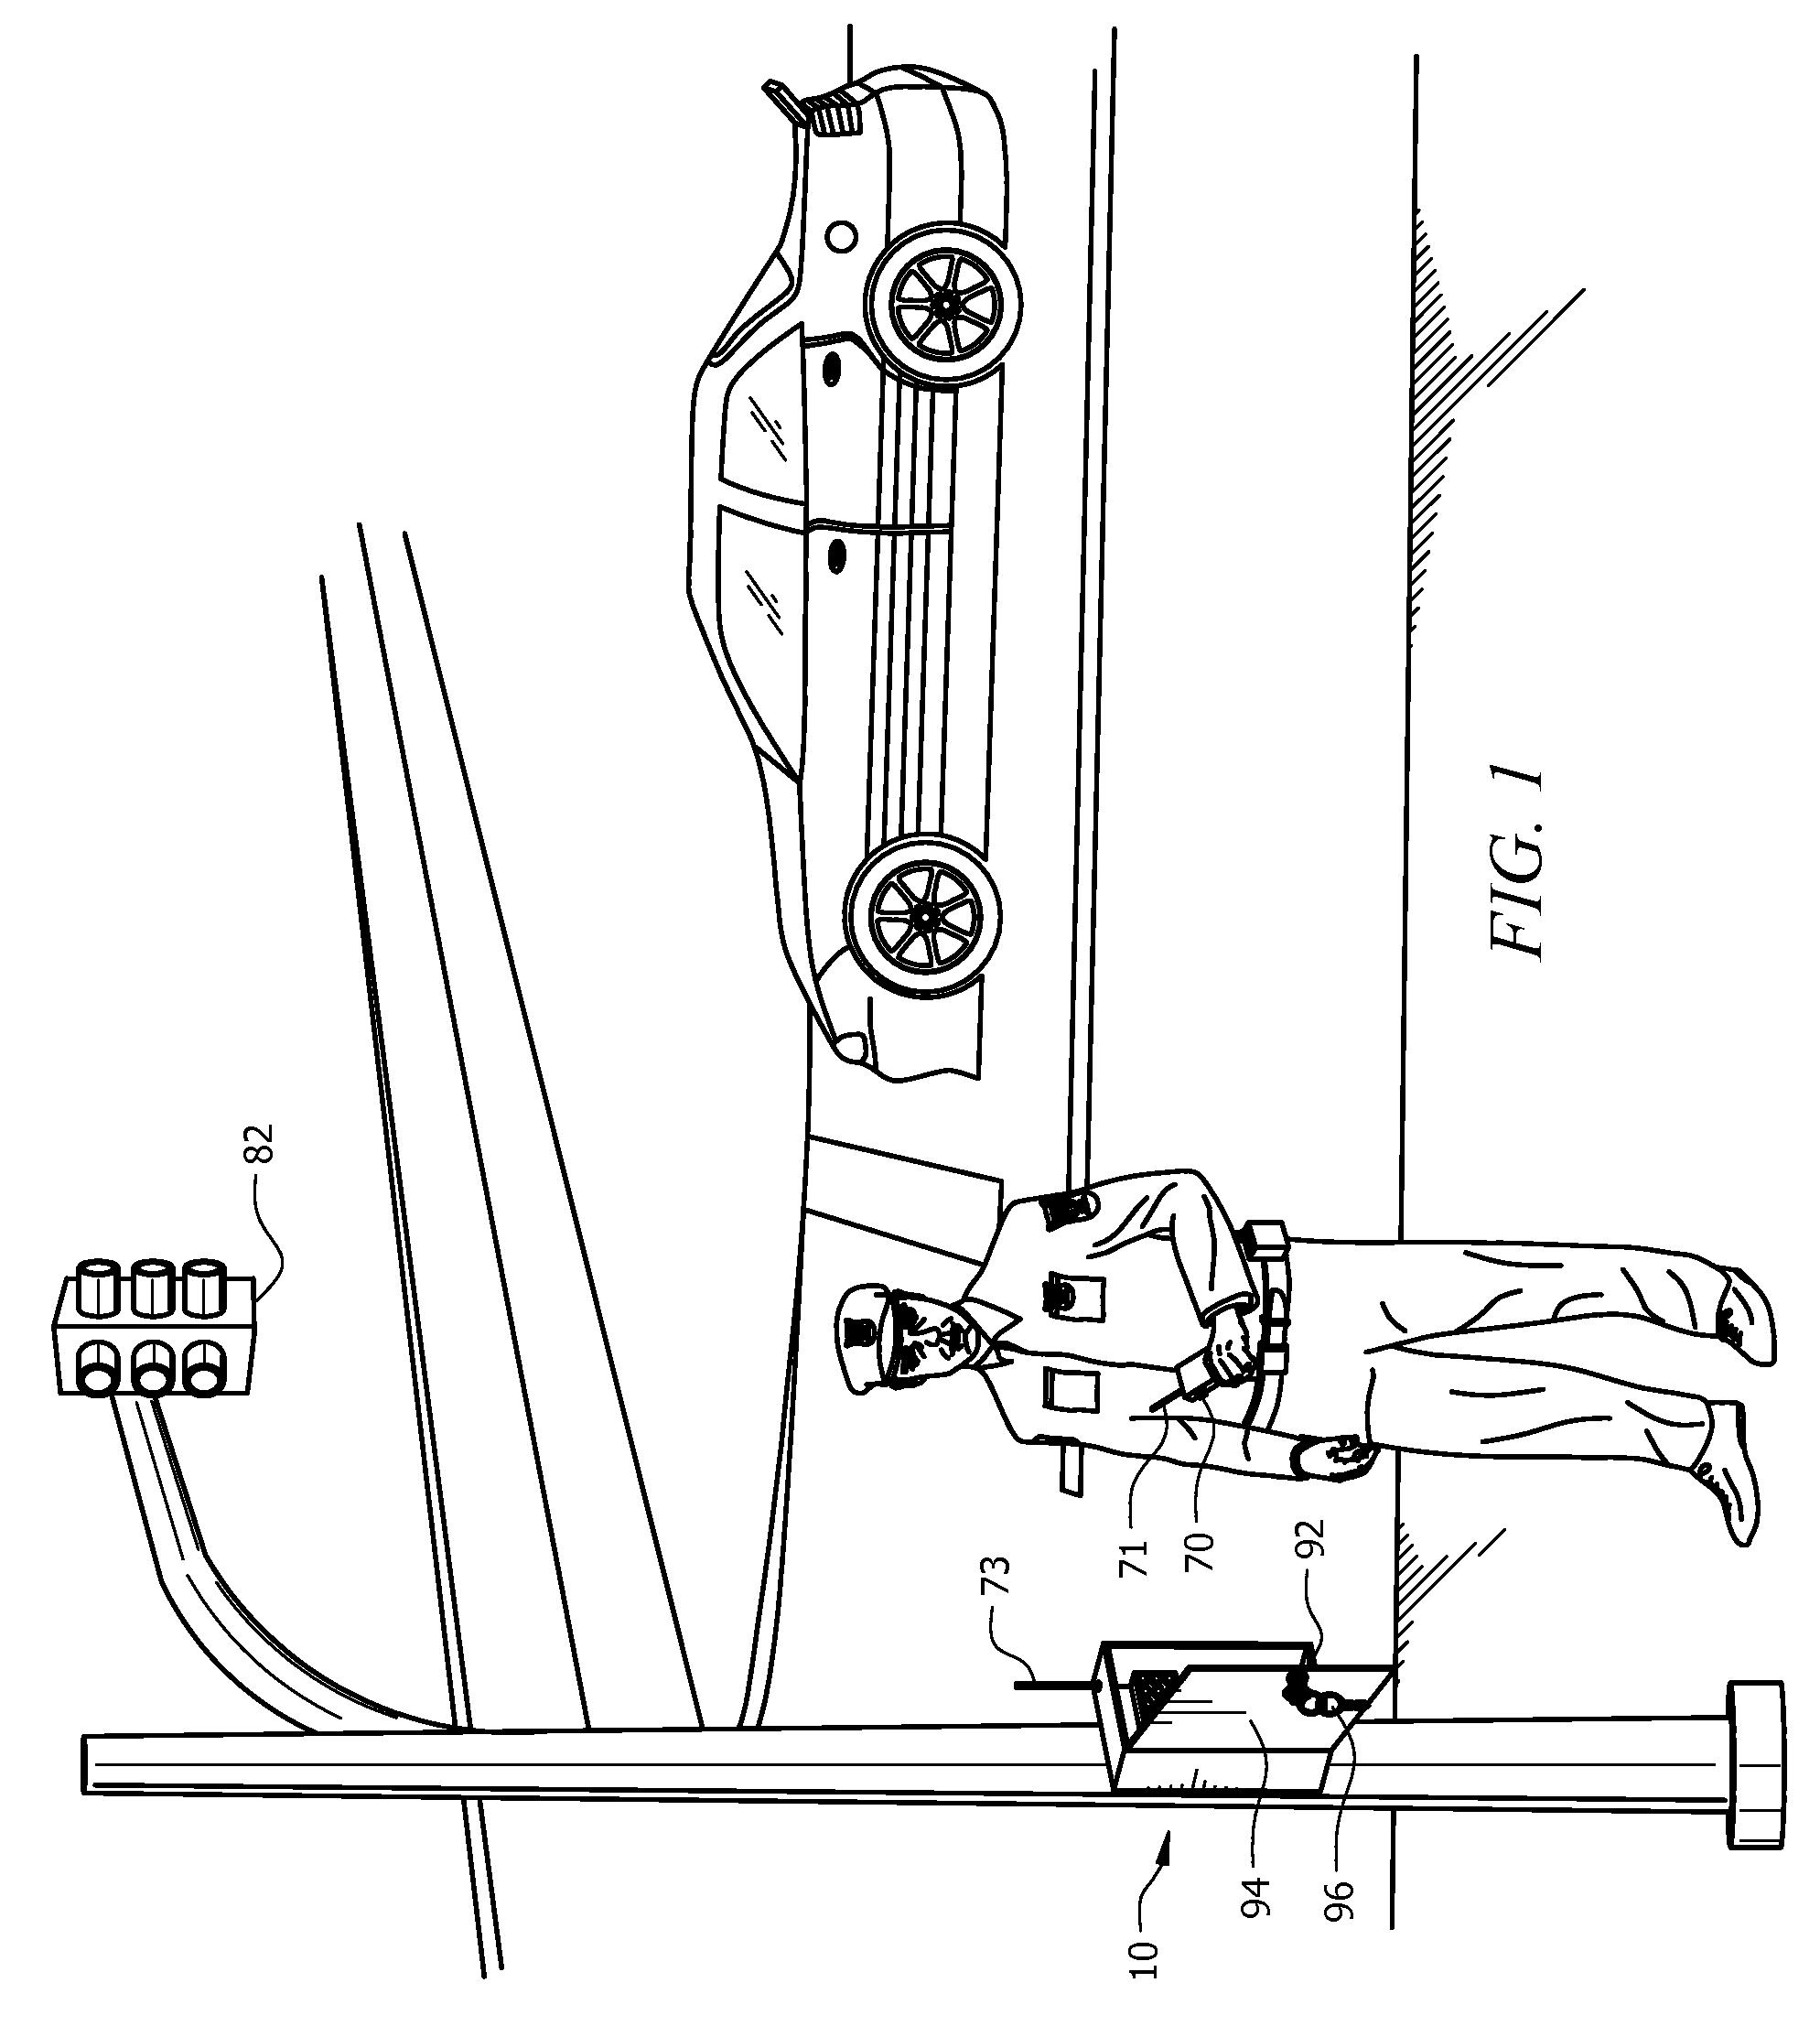 External Fm Antenna Wiring Diagram, External, Get Free